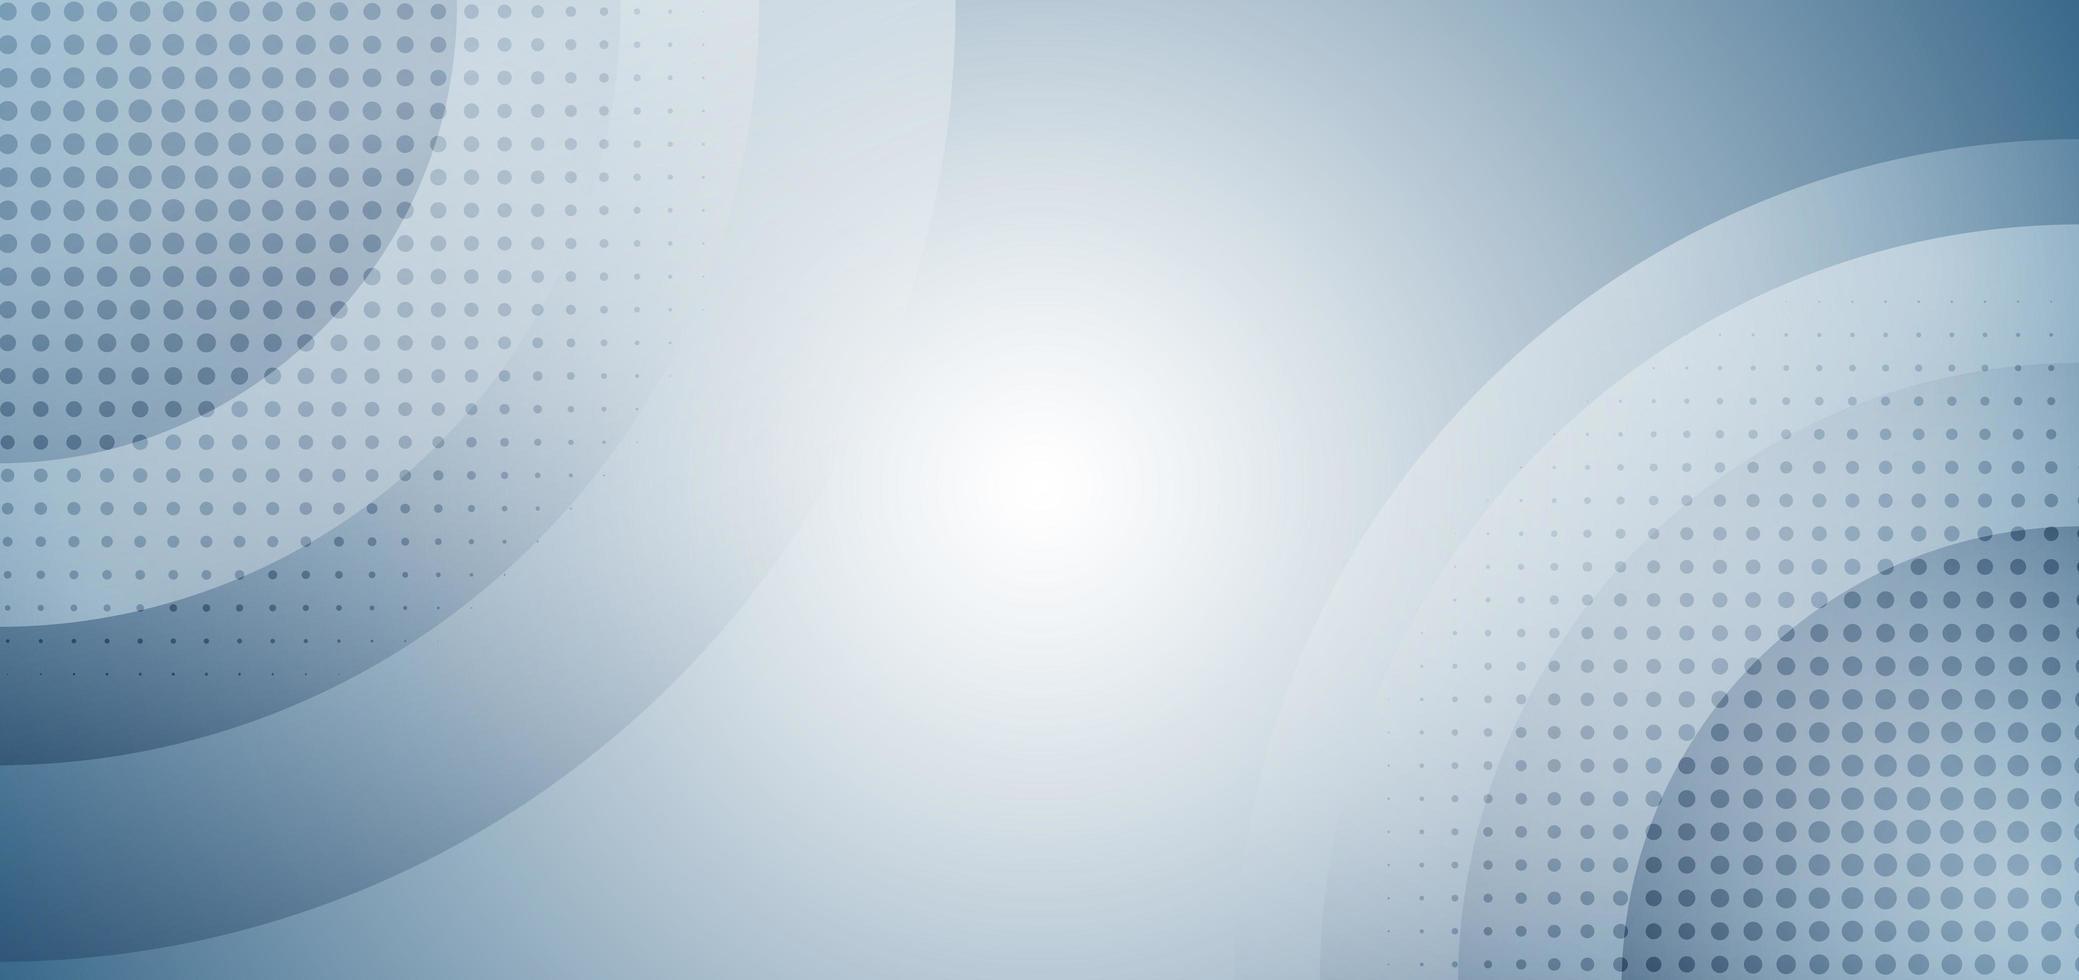 abstratos círculos azuis claros sobrepostos com meio-tom em fundo branco. vetor